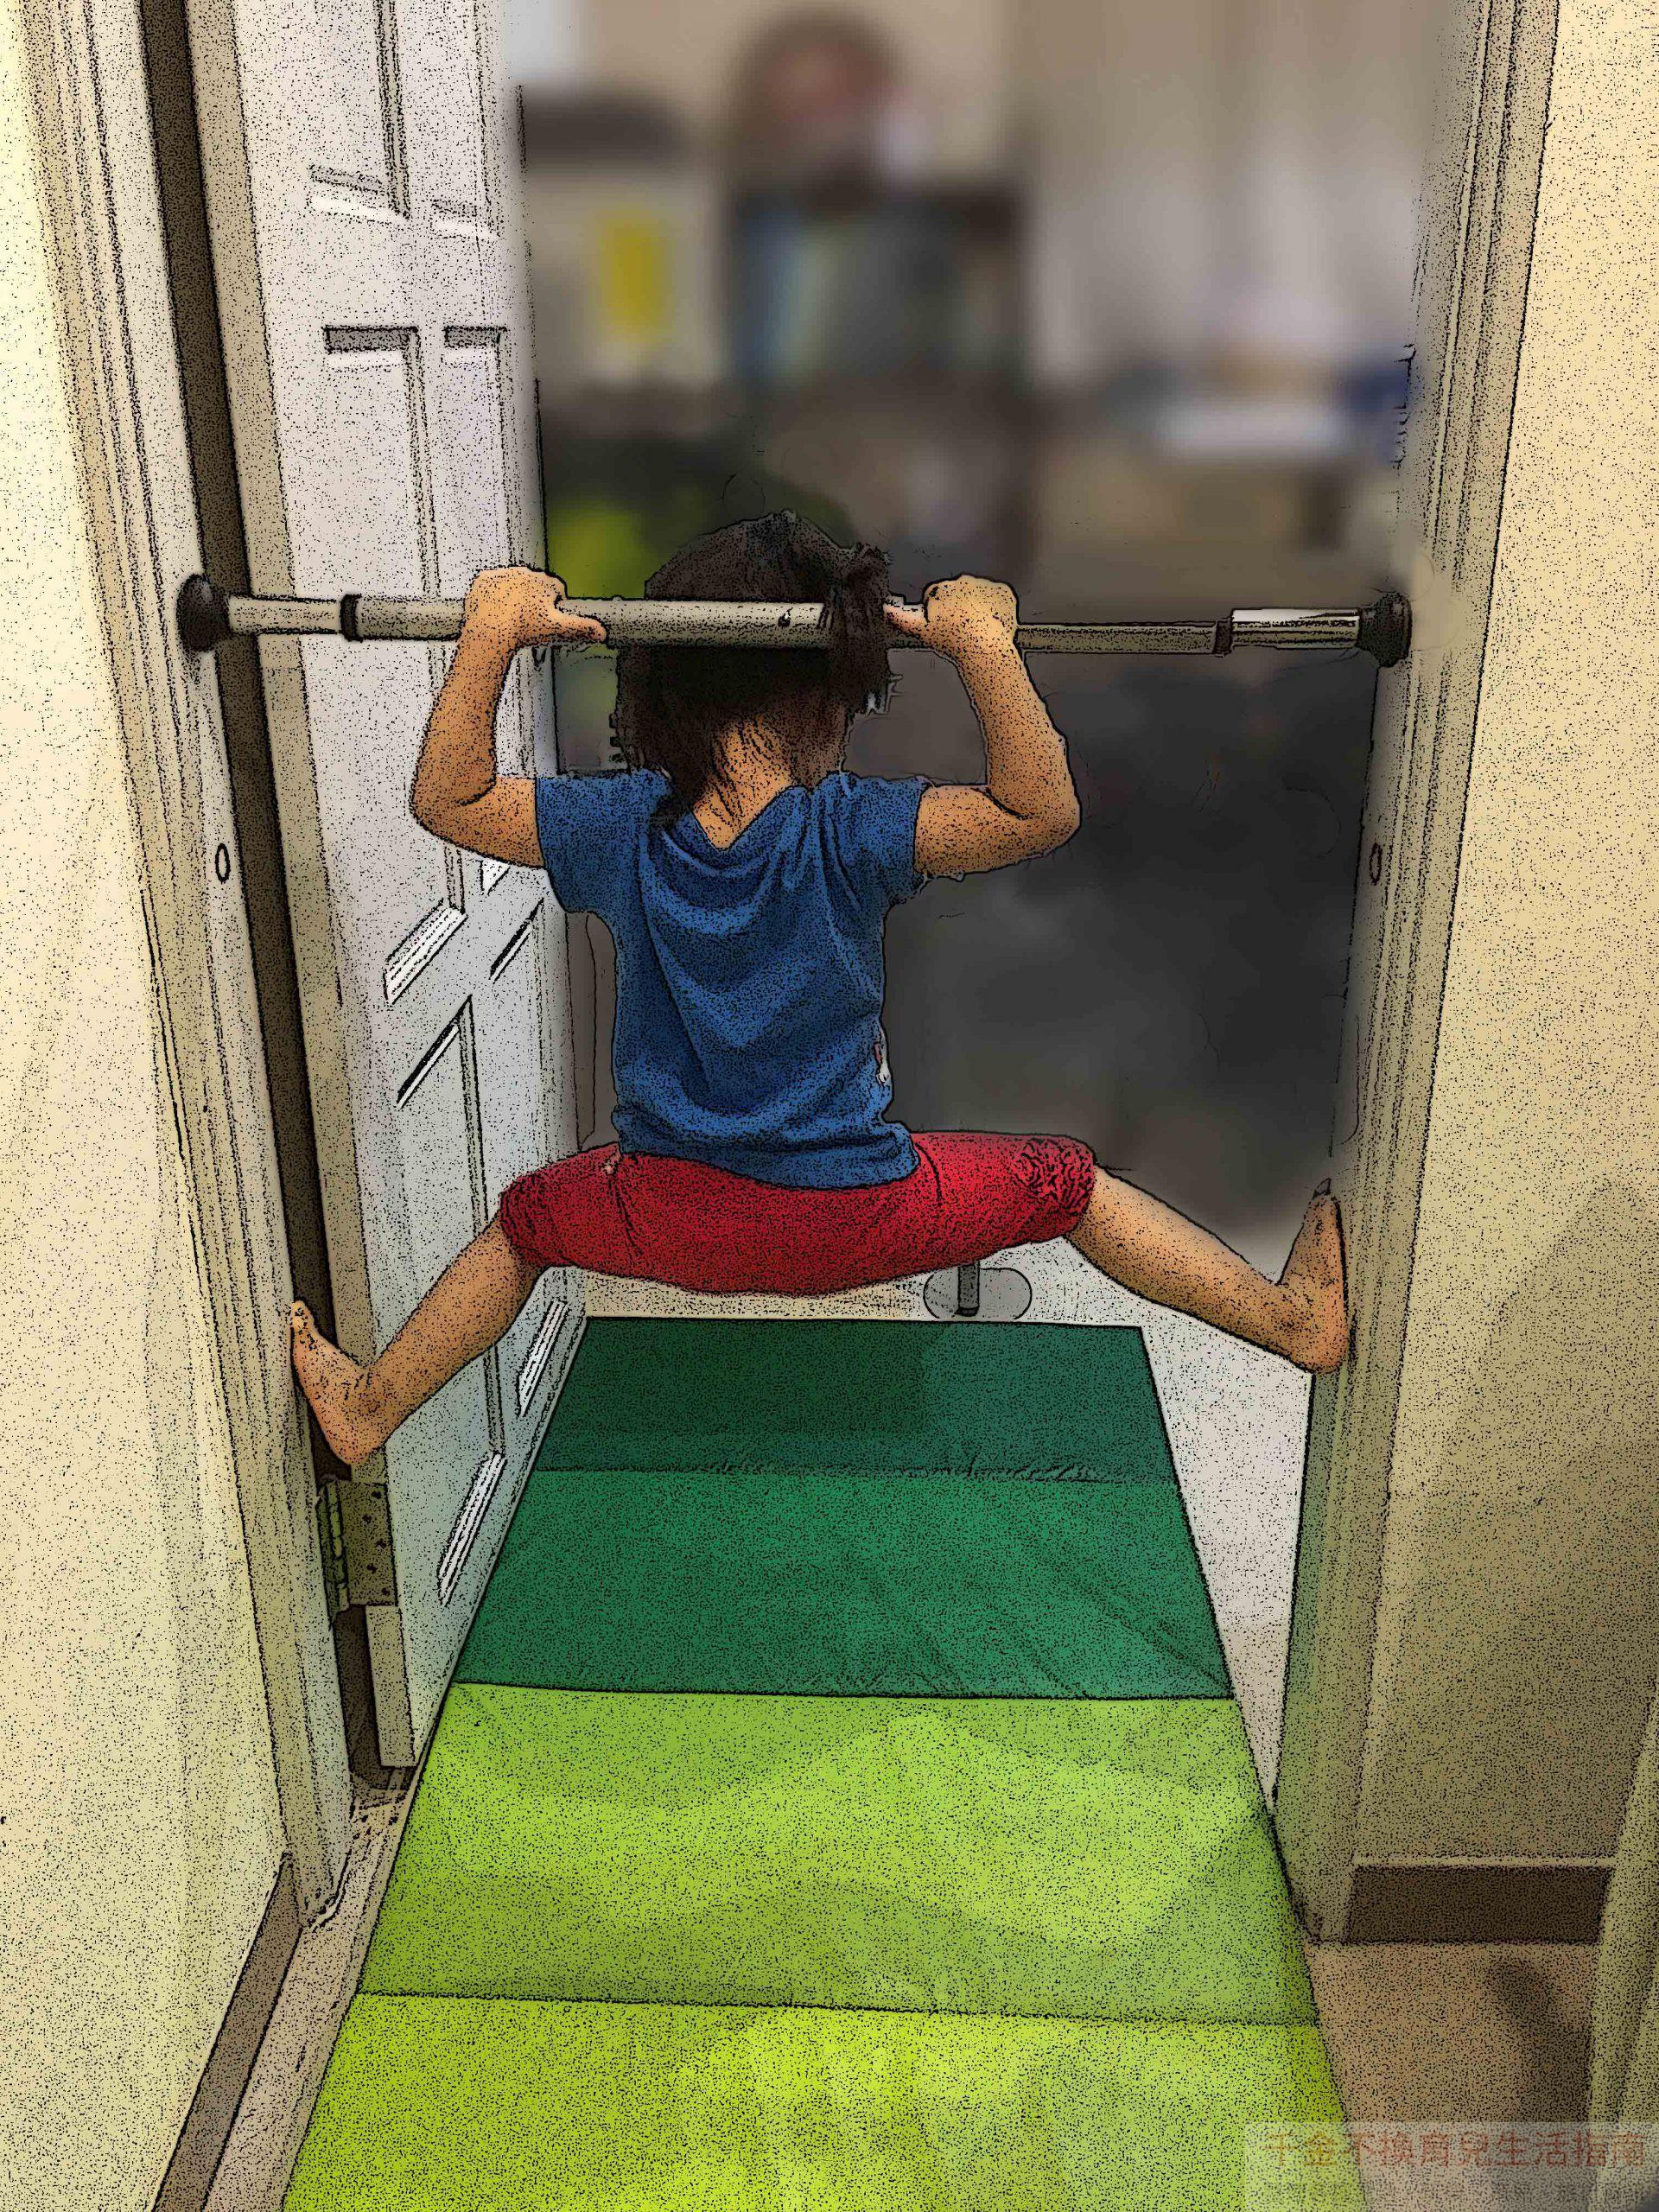 【寶寶防摔+遊戲+安全地墊】IKEA運動墊:安全、耐用、好收納、高CP值